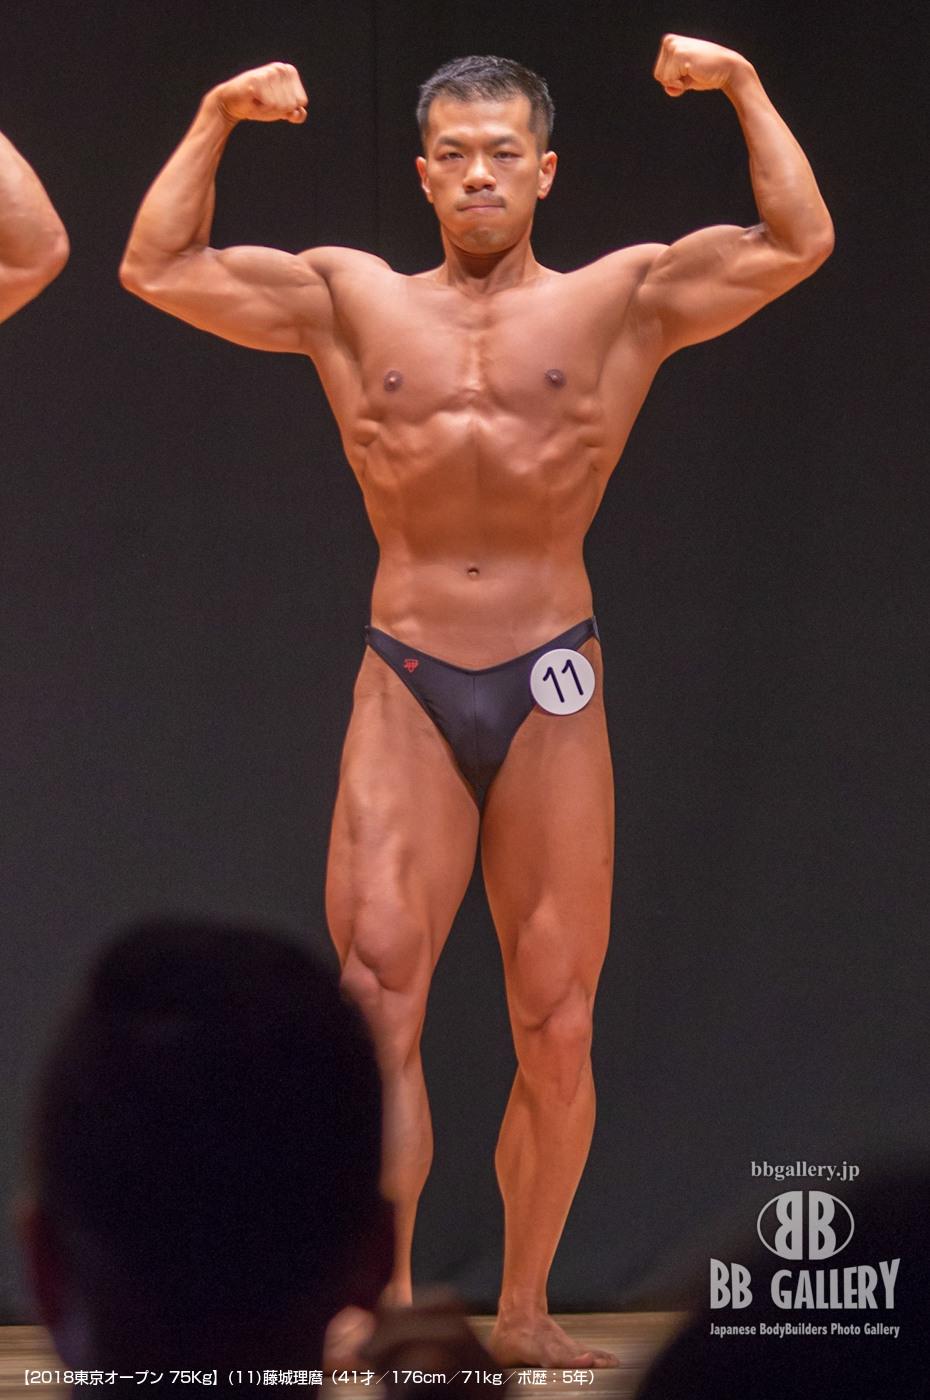 【2018東京オープン 75Kg】(11)藤城理麿(41才/176cm/71kg/ボ歴:5年)